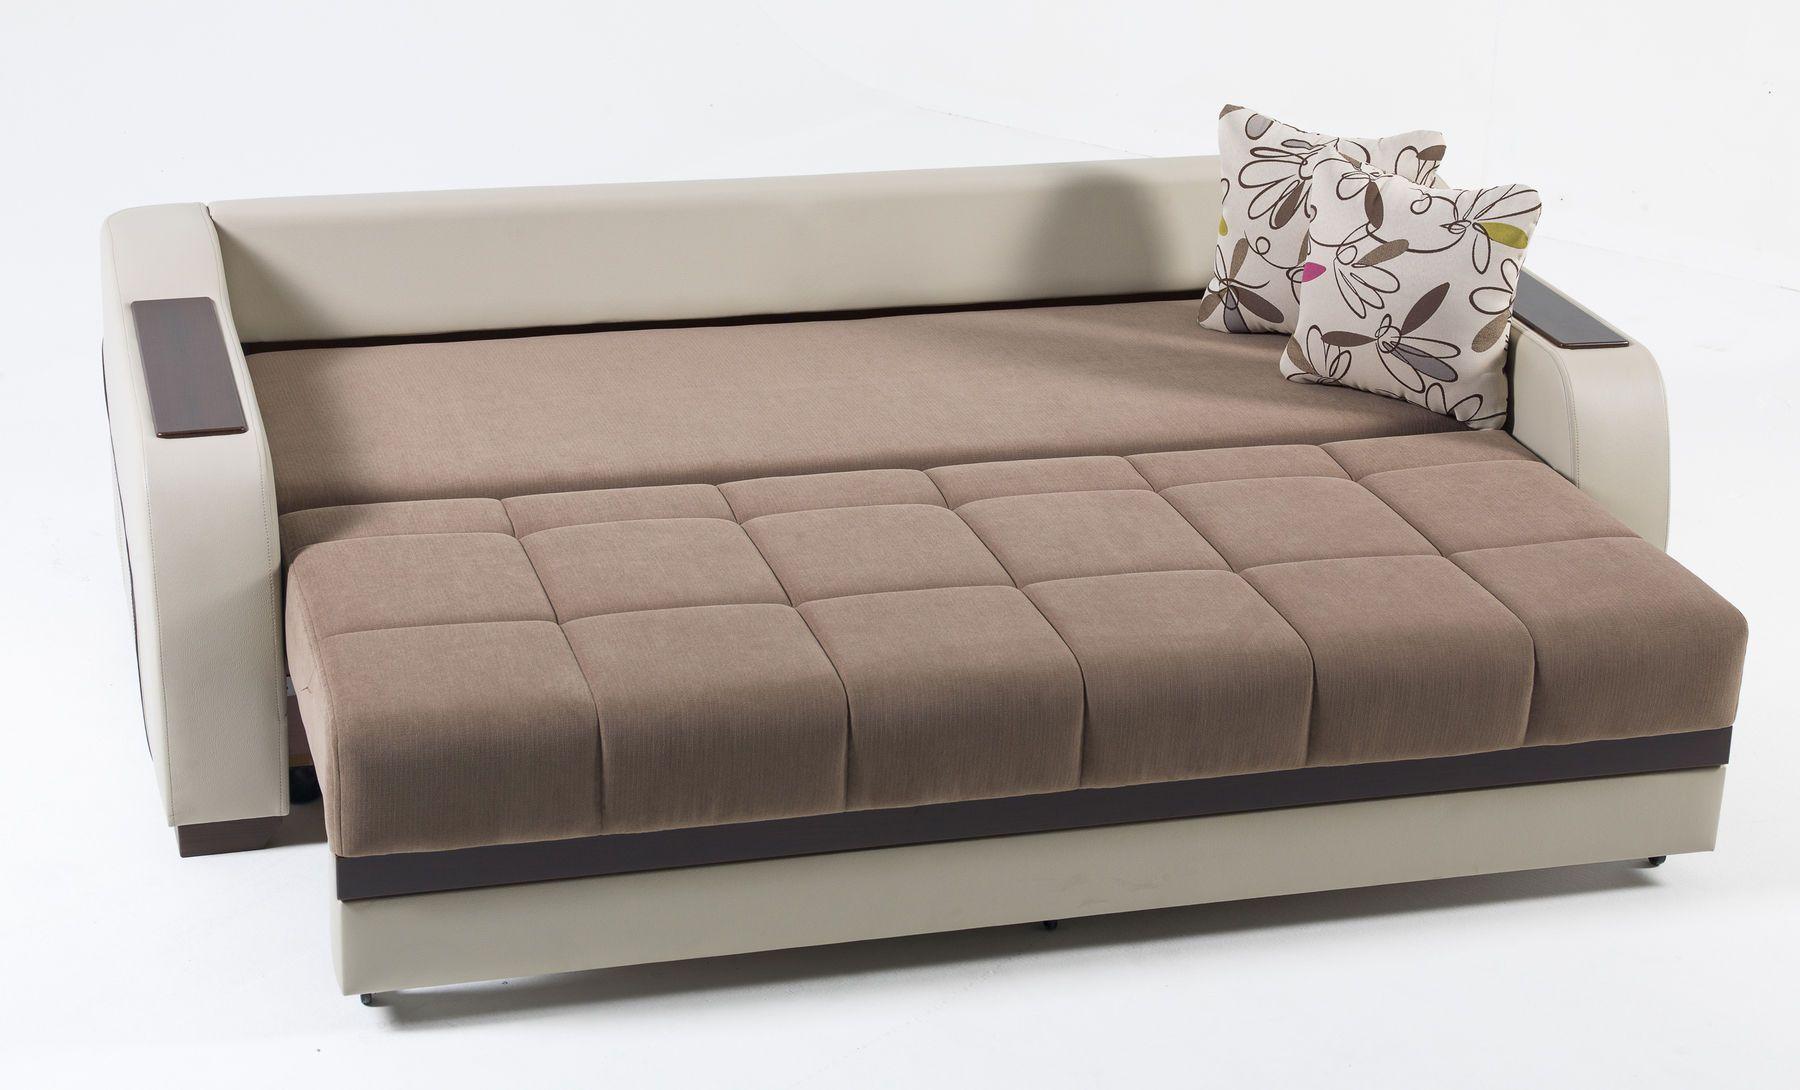 Ultra Brown Sofa In 2020 Modern Sleeper Sofa Best Sleeper Sofa